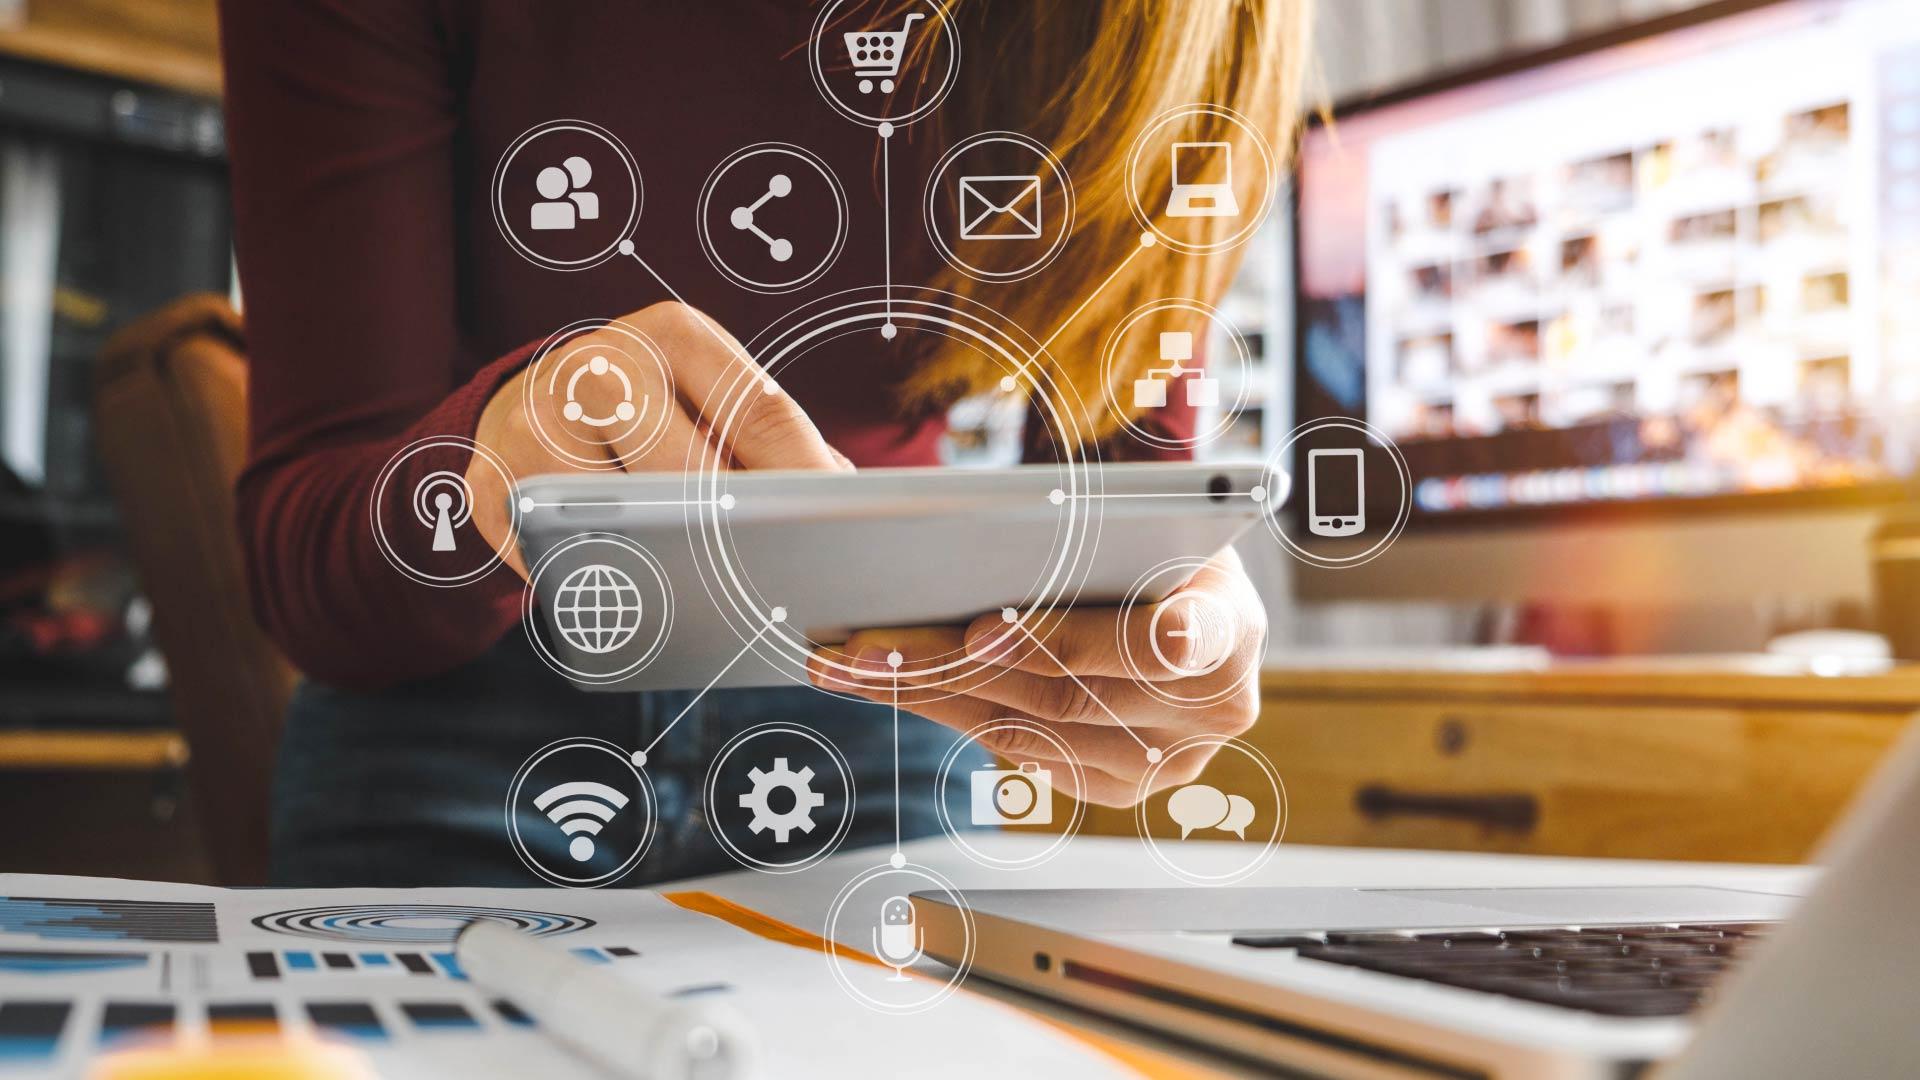 Tendencias del marketing 2021 en formatos y tecnologías